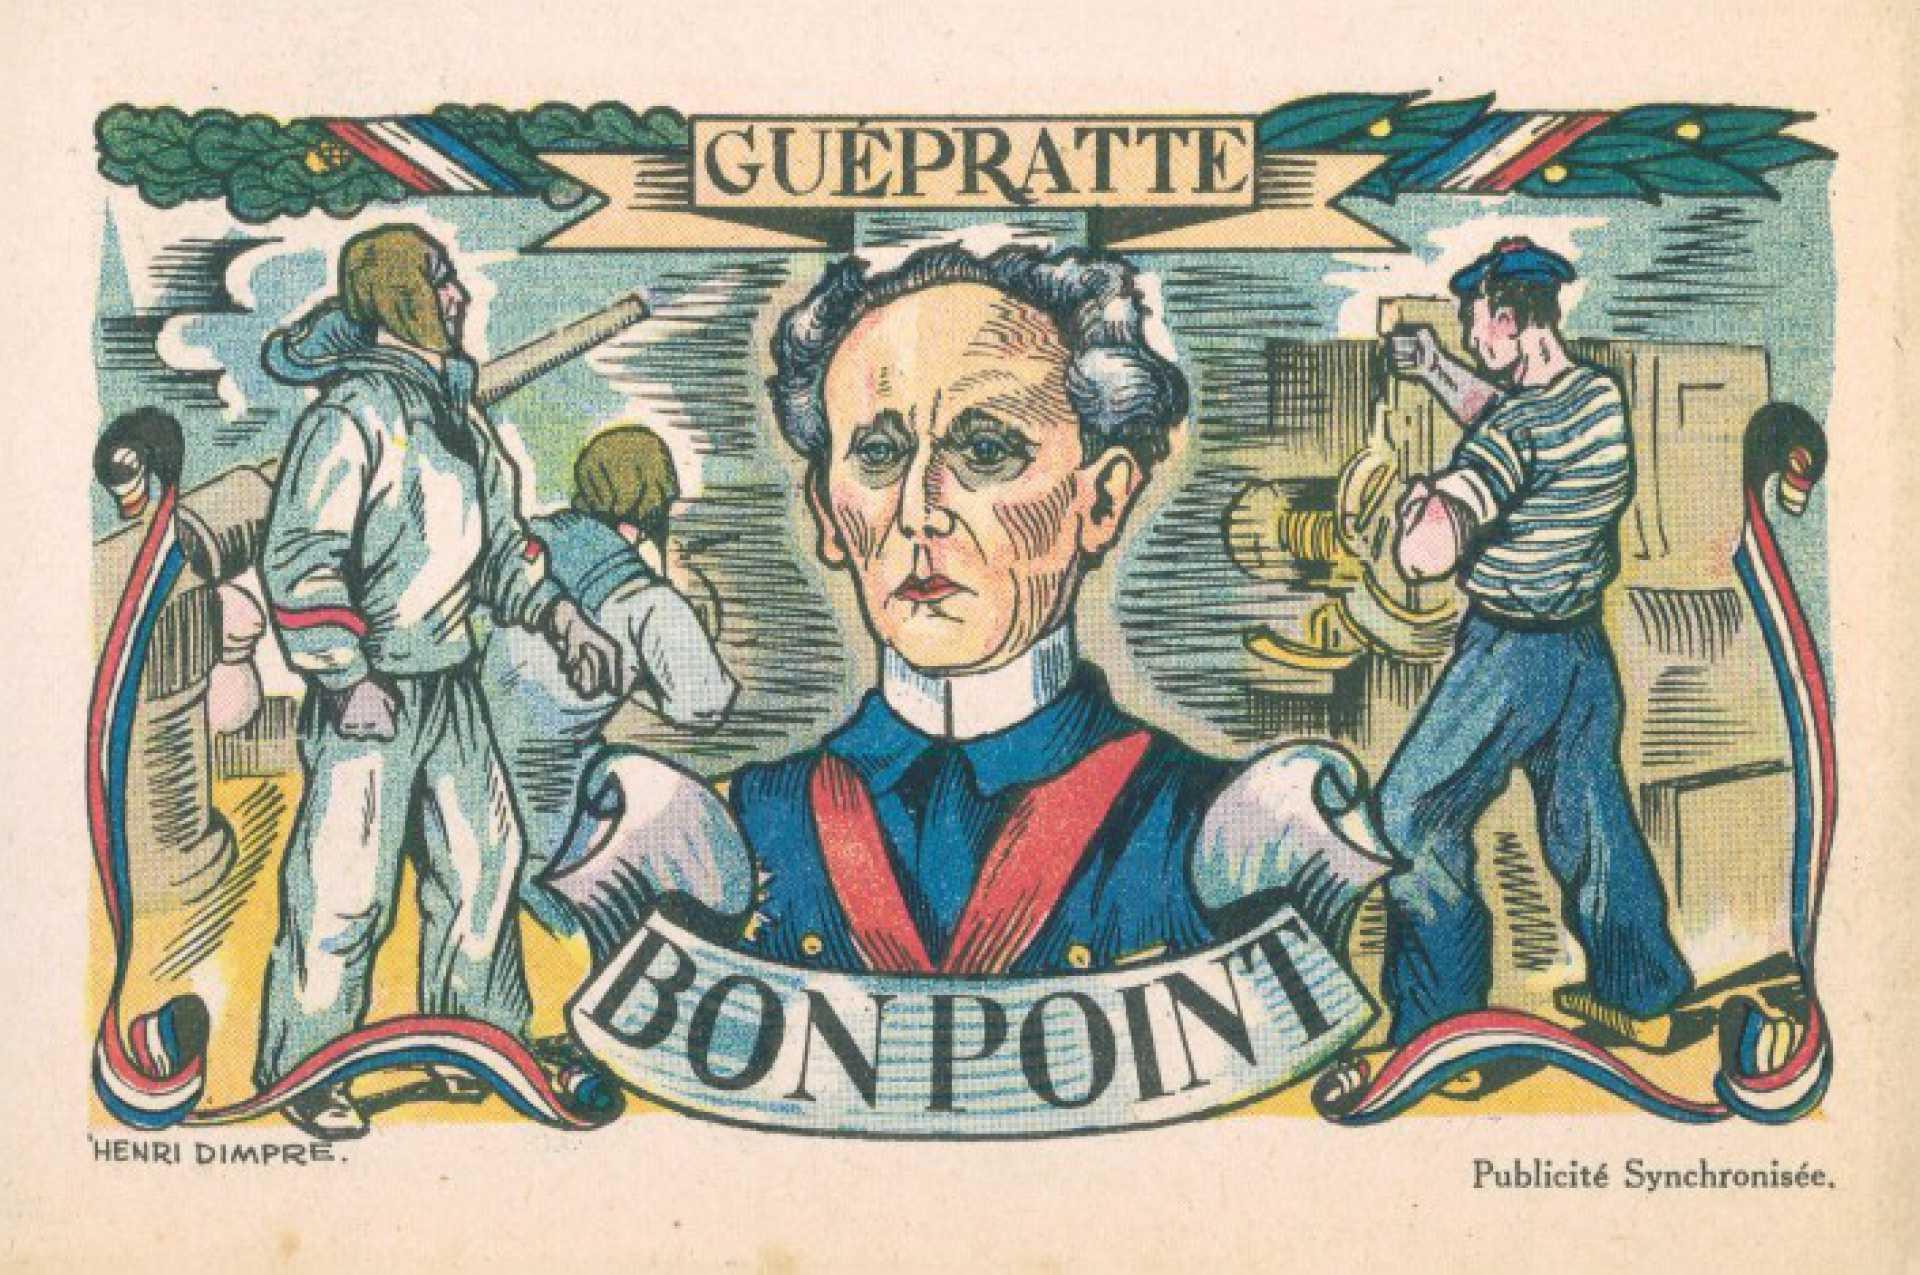 Guepratte. Bonpoint